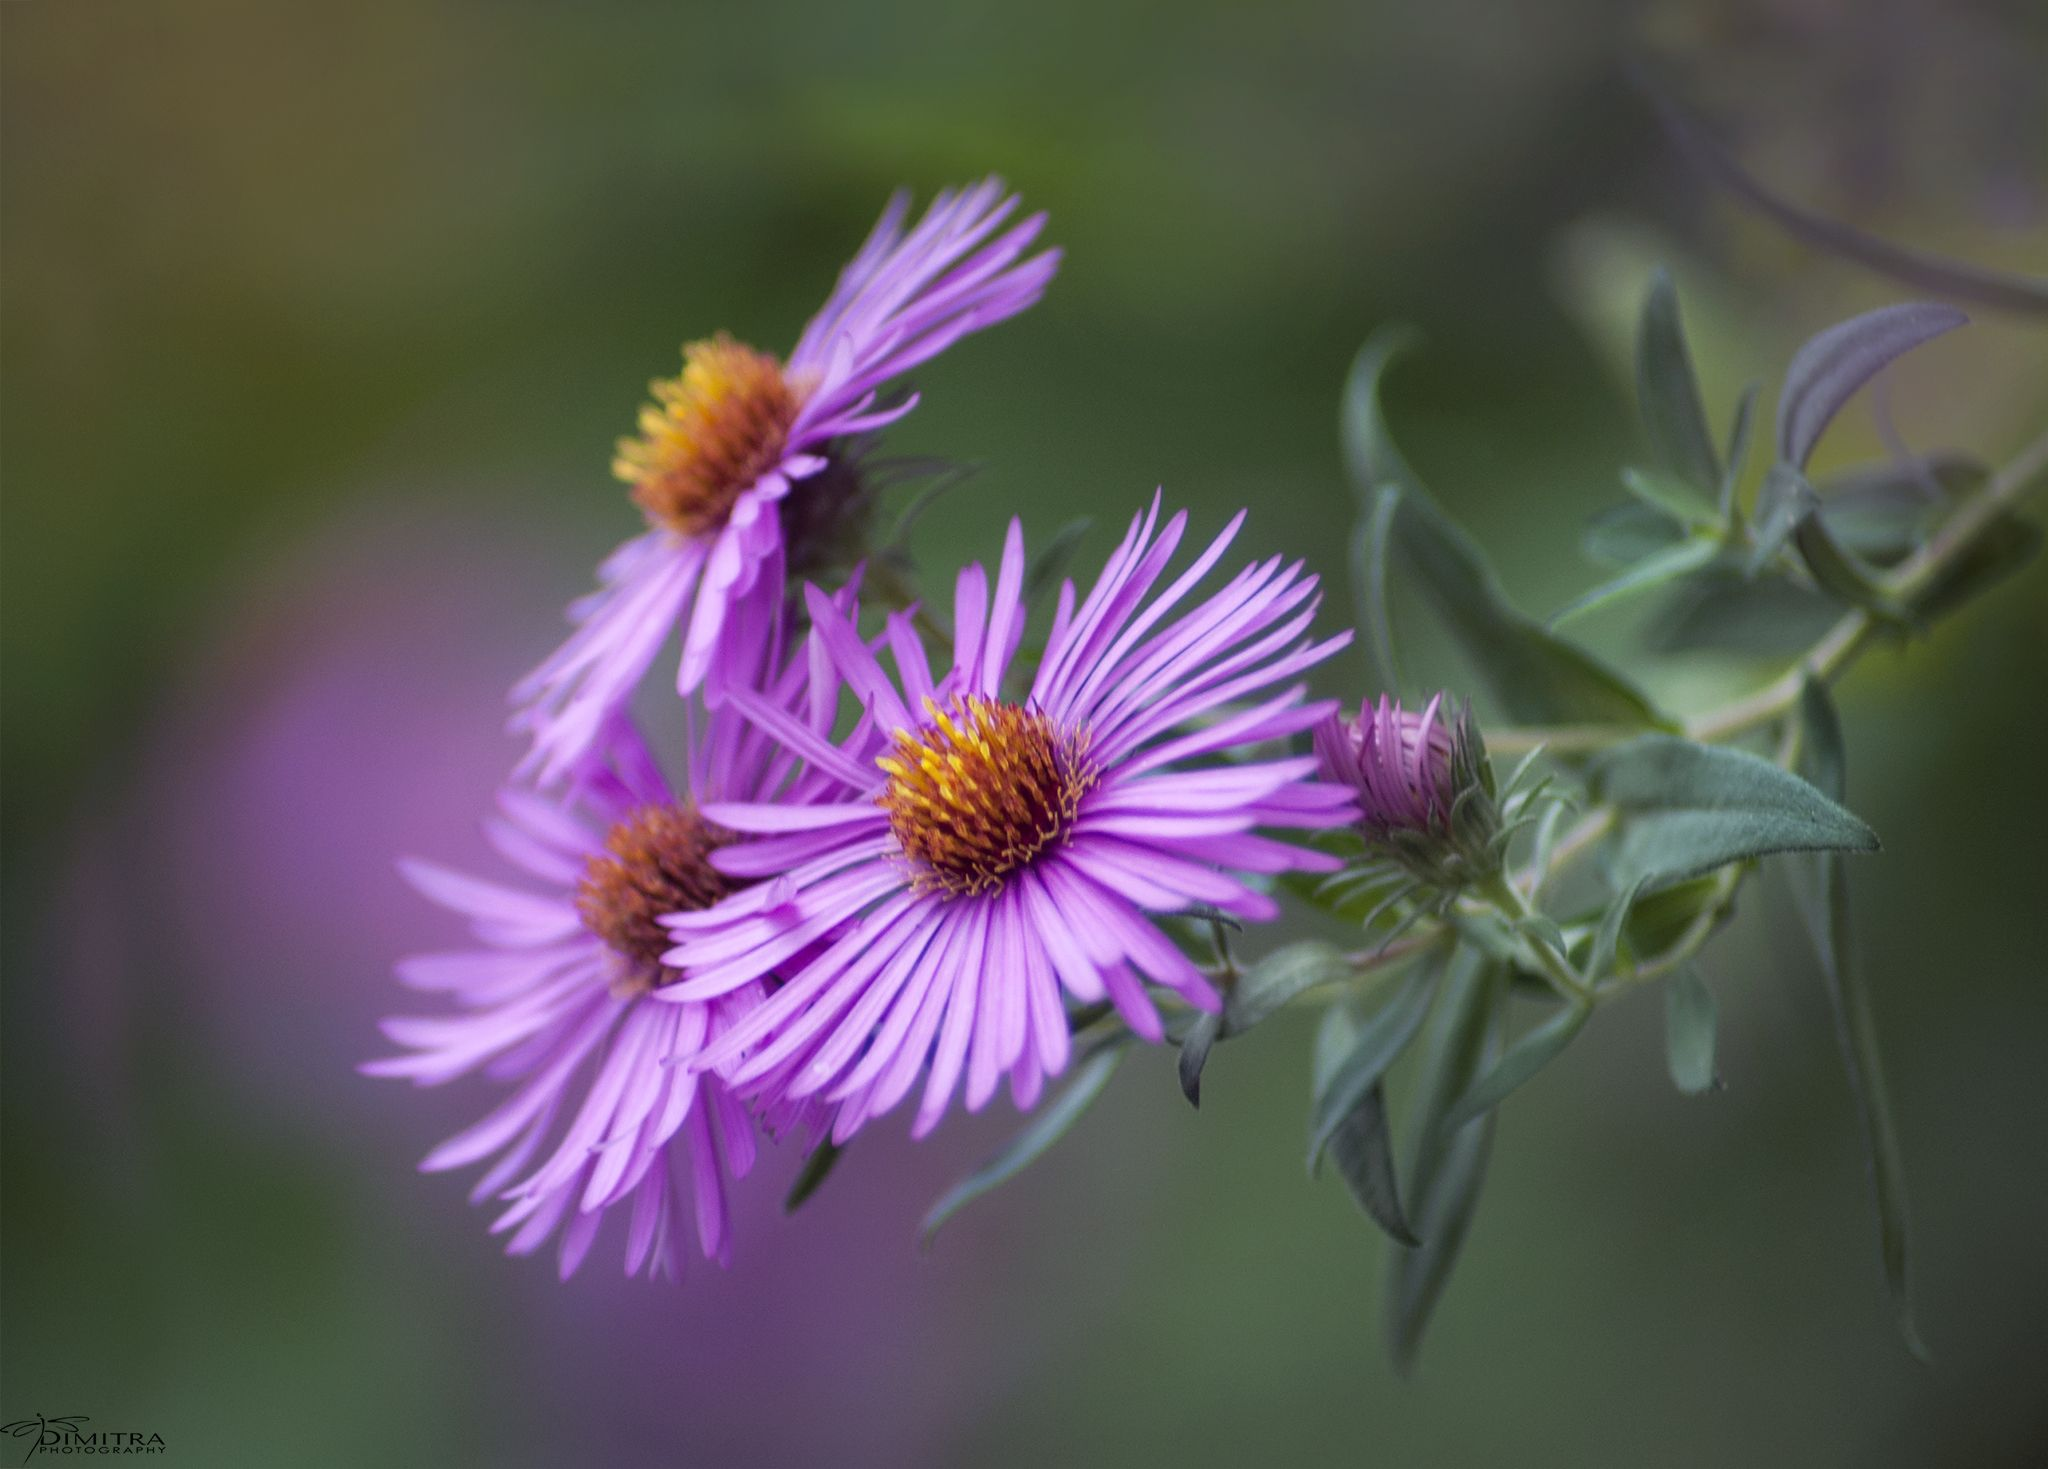 35PHOTO - Dimitra Lefterova - Purple dream